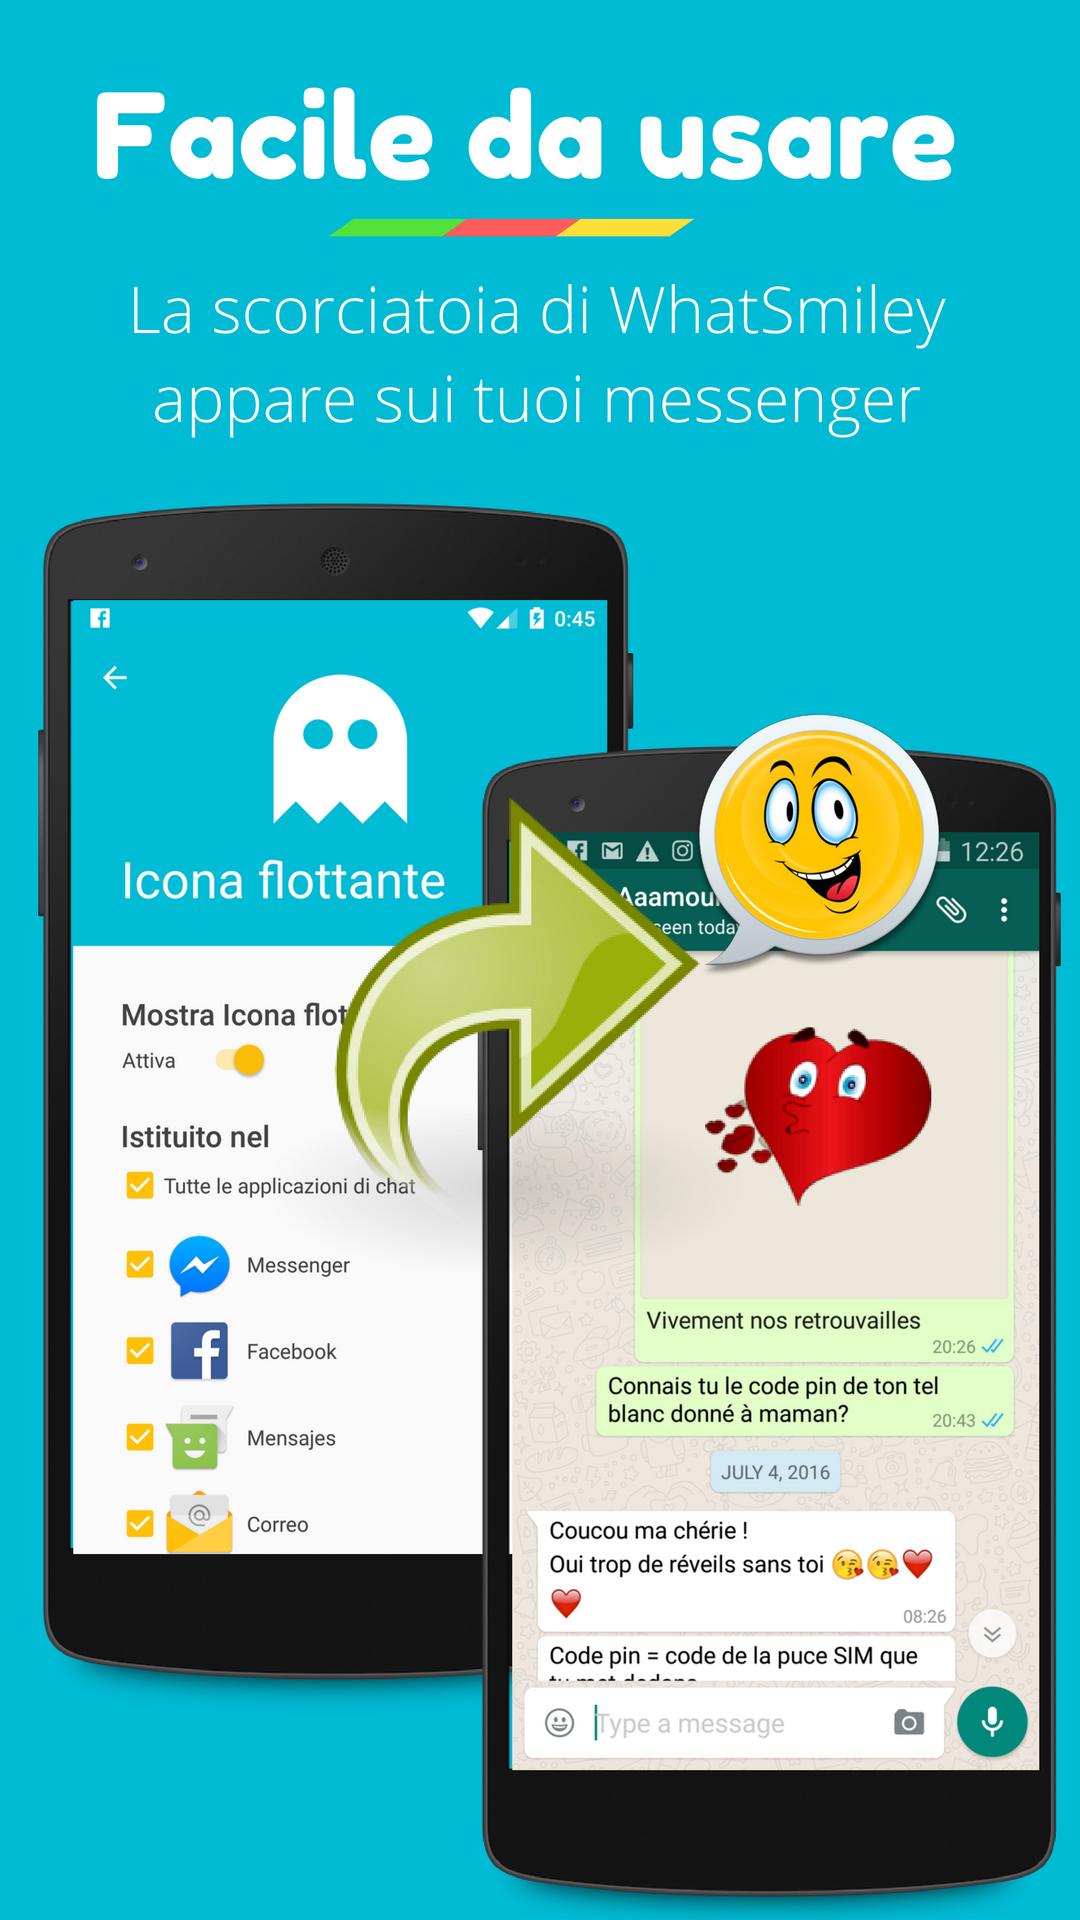 giochi erotici immagini chat android gratis